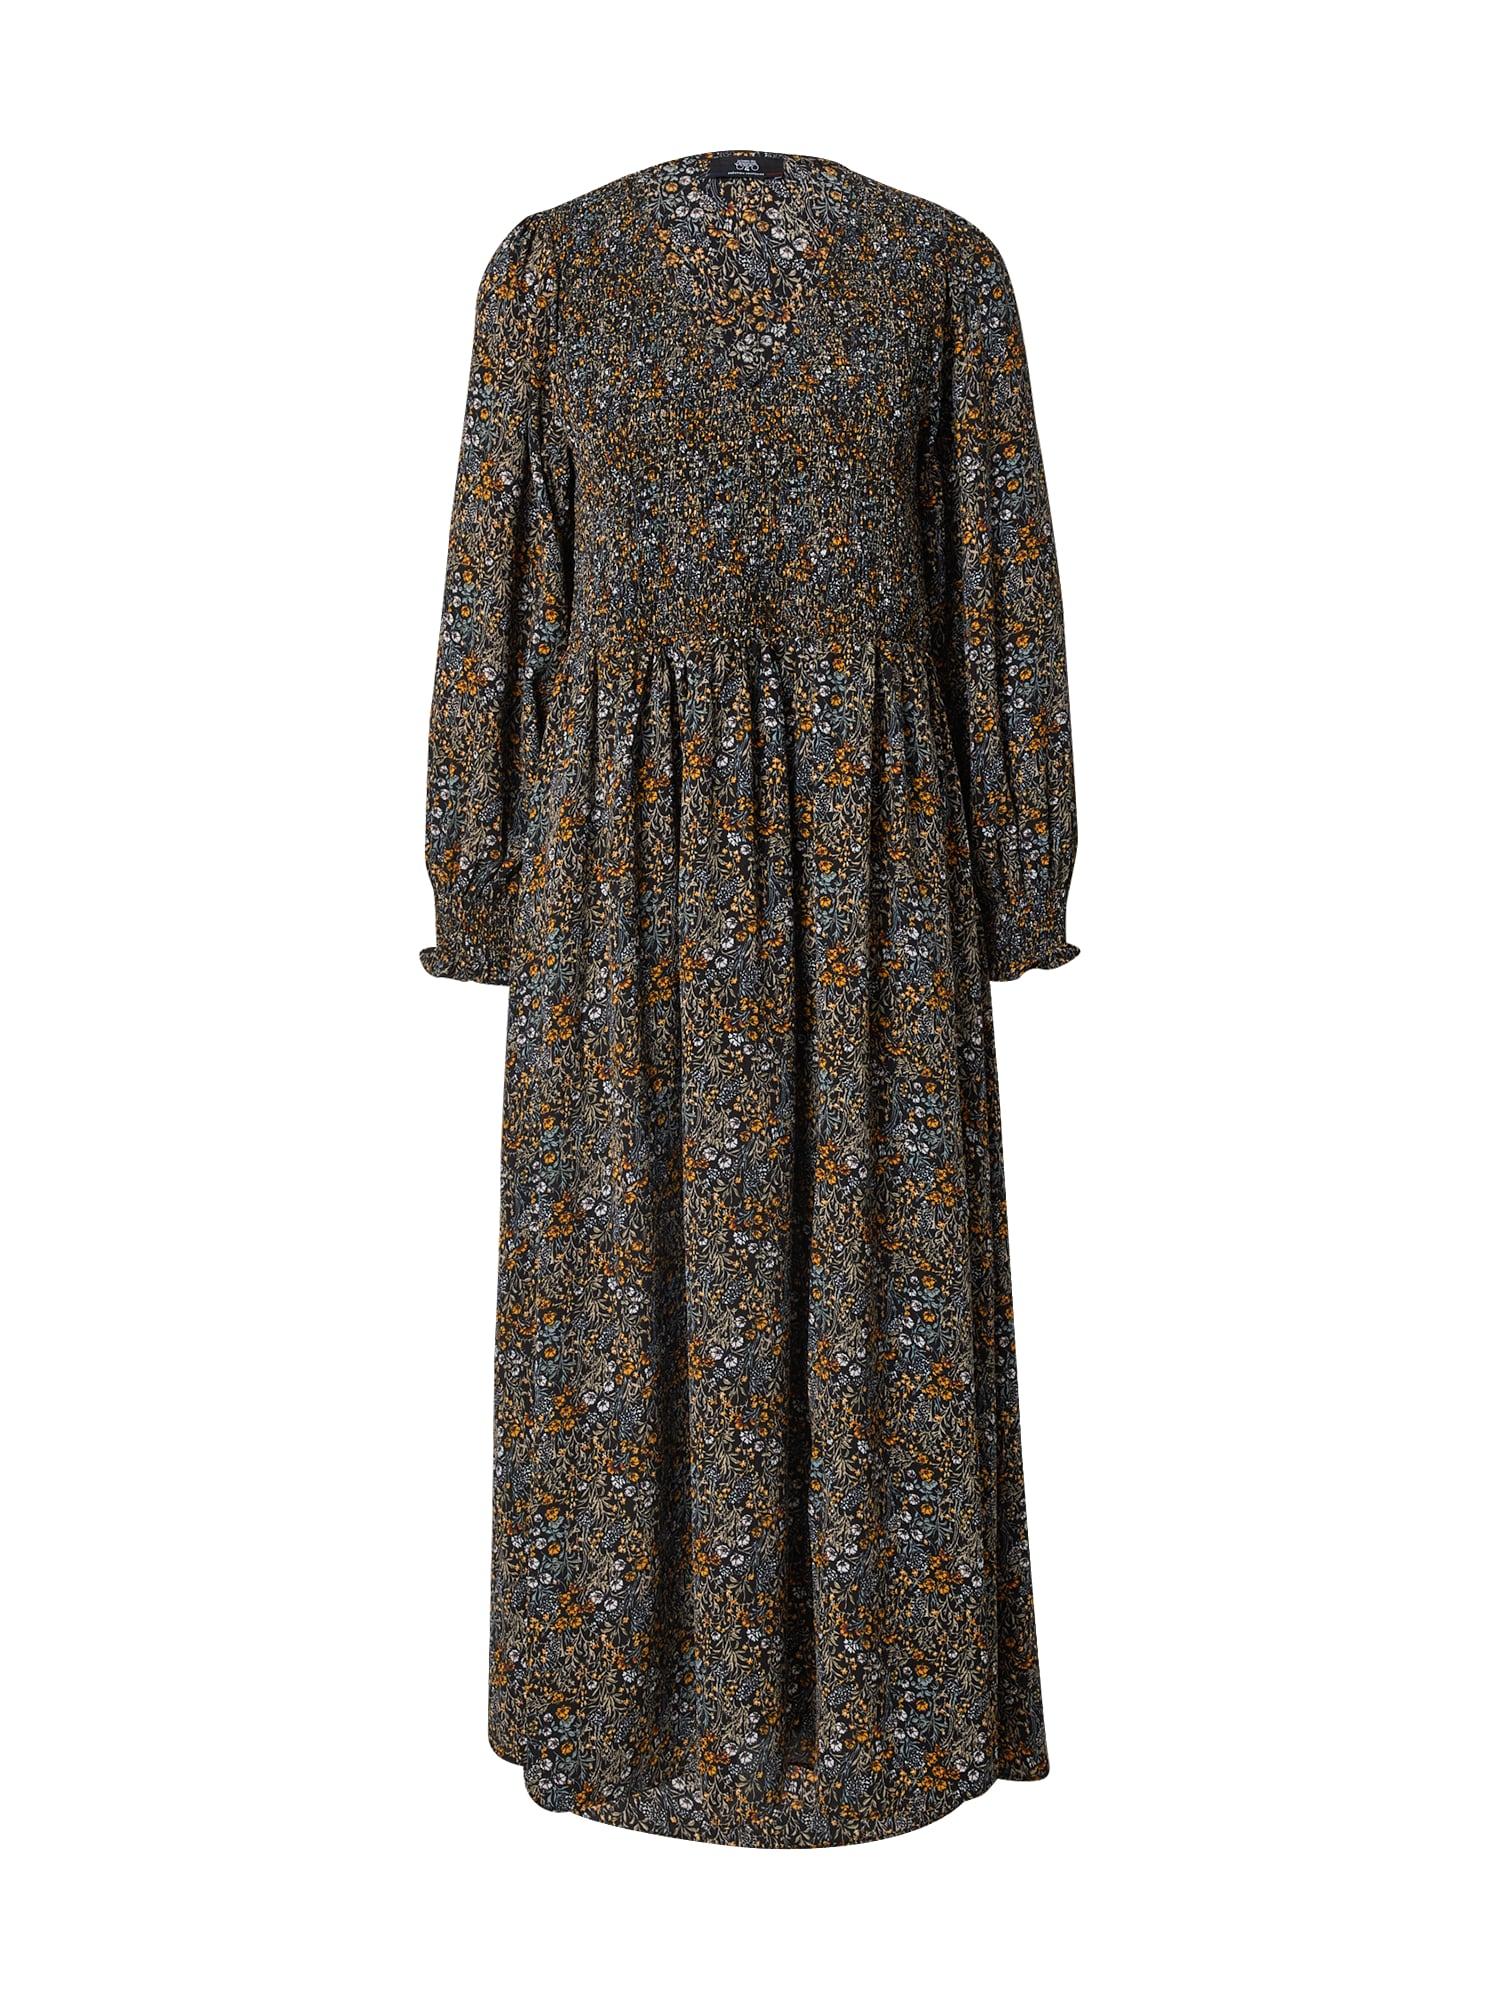 Le Temps Des Cerises Suknelė juoda / mišrios spalvos